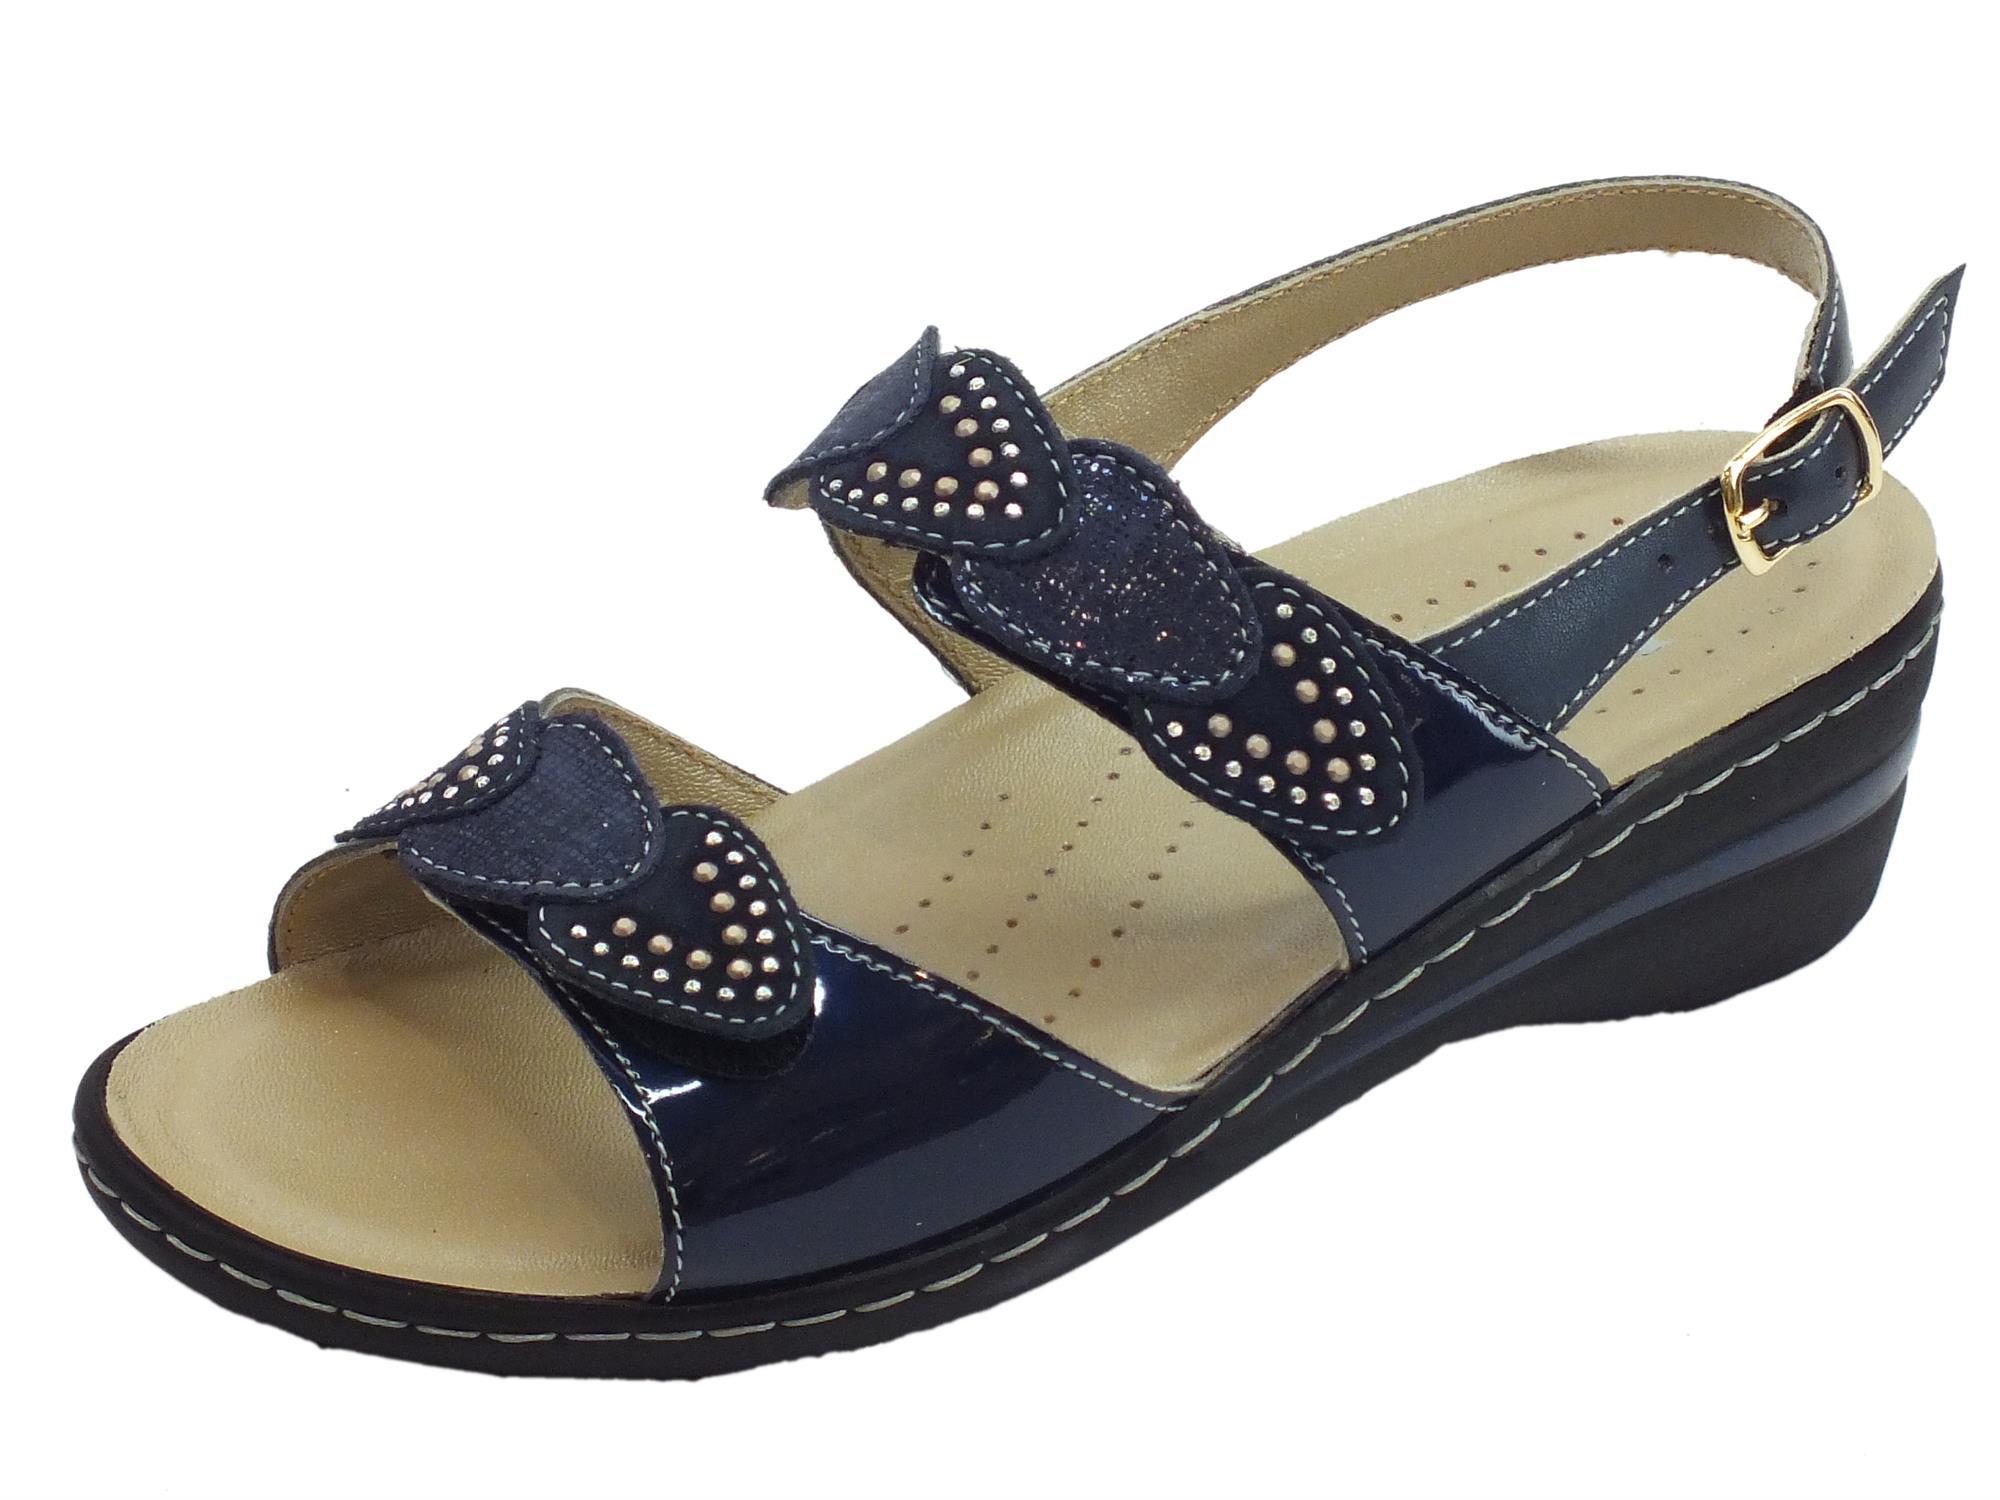 Sandali per donna Melluso in pelle e vernice blu doppia chiusura strappo